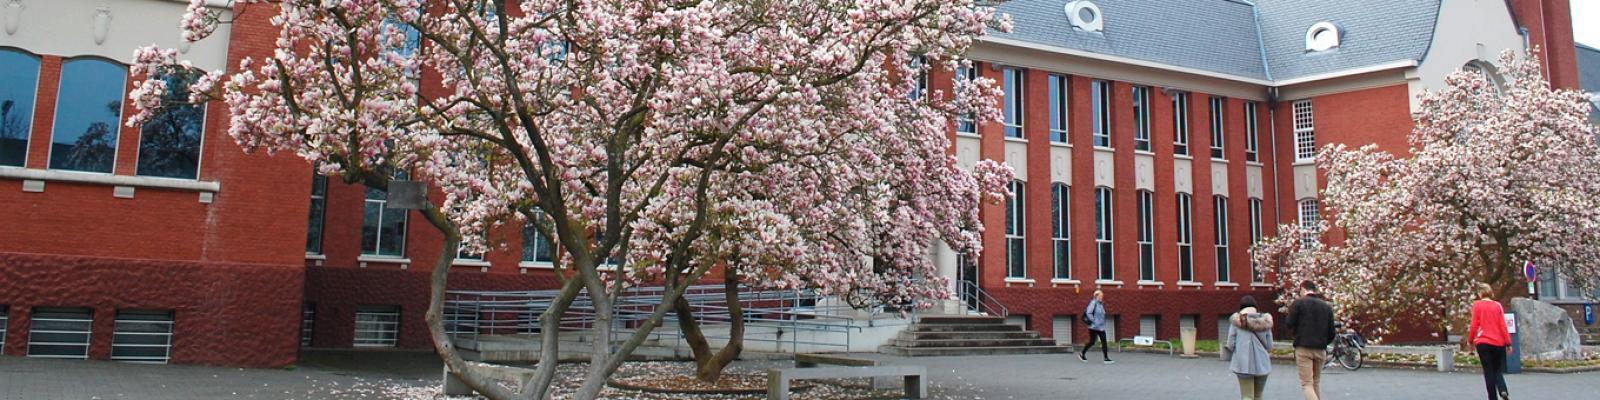 voorgevel administratief centrum Zoersel met bloeiende magnolia op de voorgrond